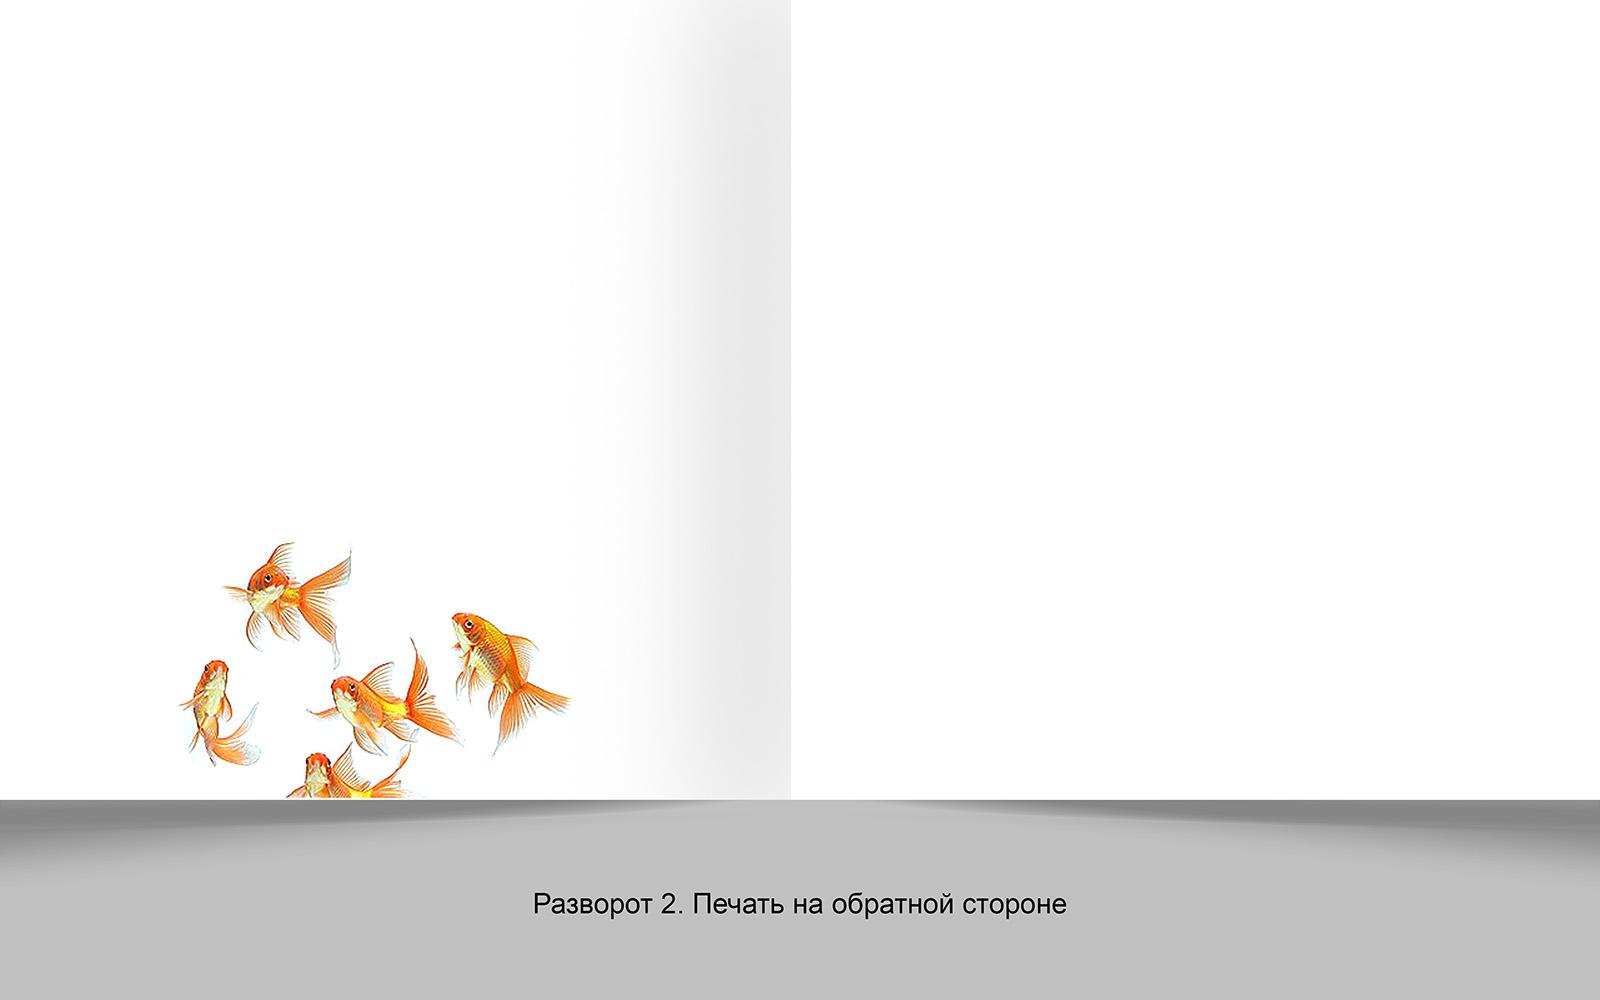 Дизайн рекламной брошюры возможностей типографии фото f_5315648d4a6a66ff.jpg